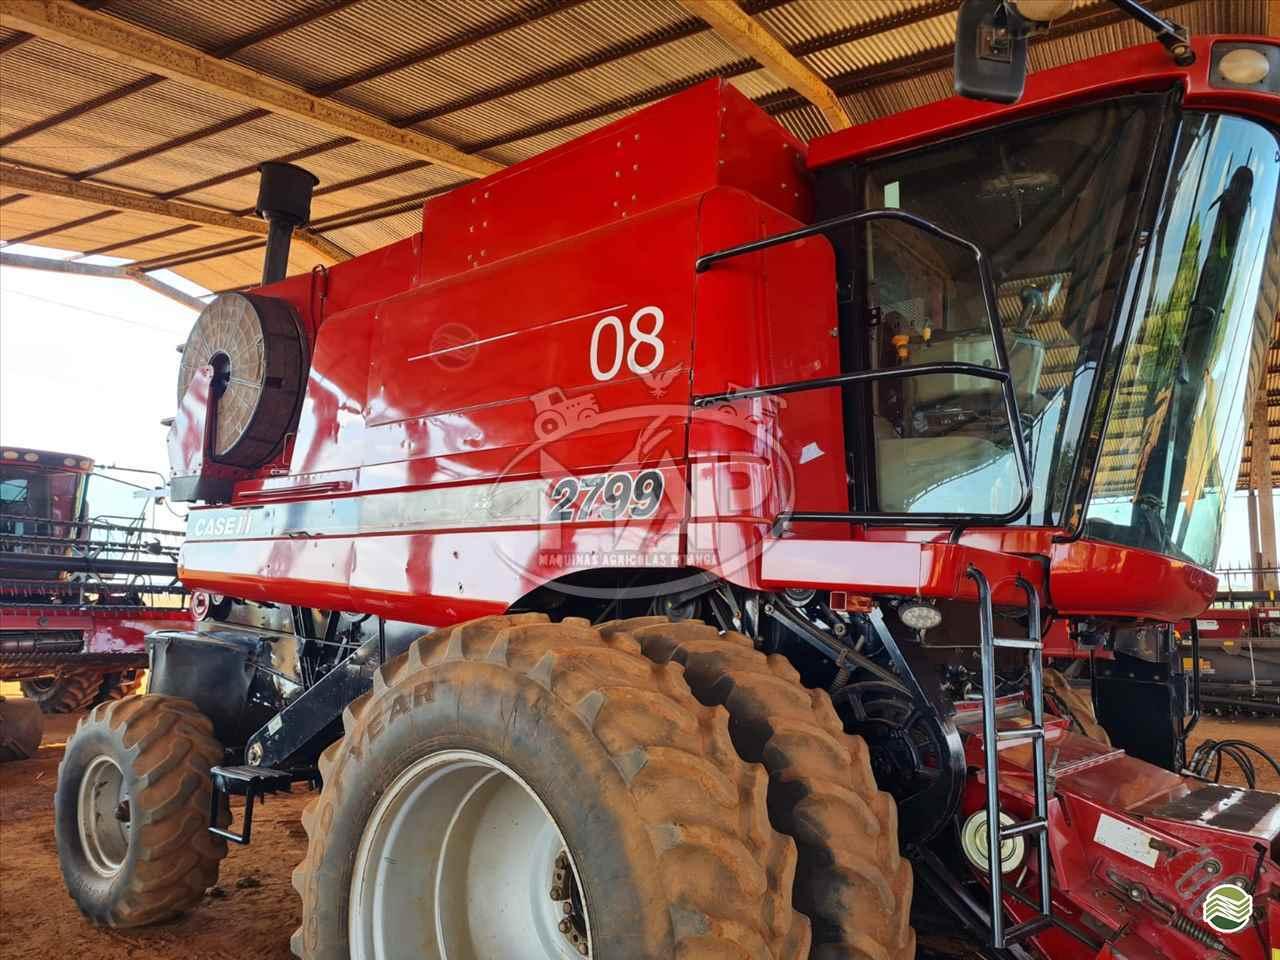 COLHEITADEIRA CASE CASE 2799 Máquinas Agrícolas Pitanga PITANGA PARANÁ PR